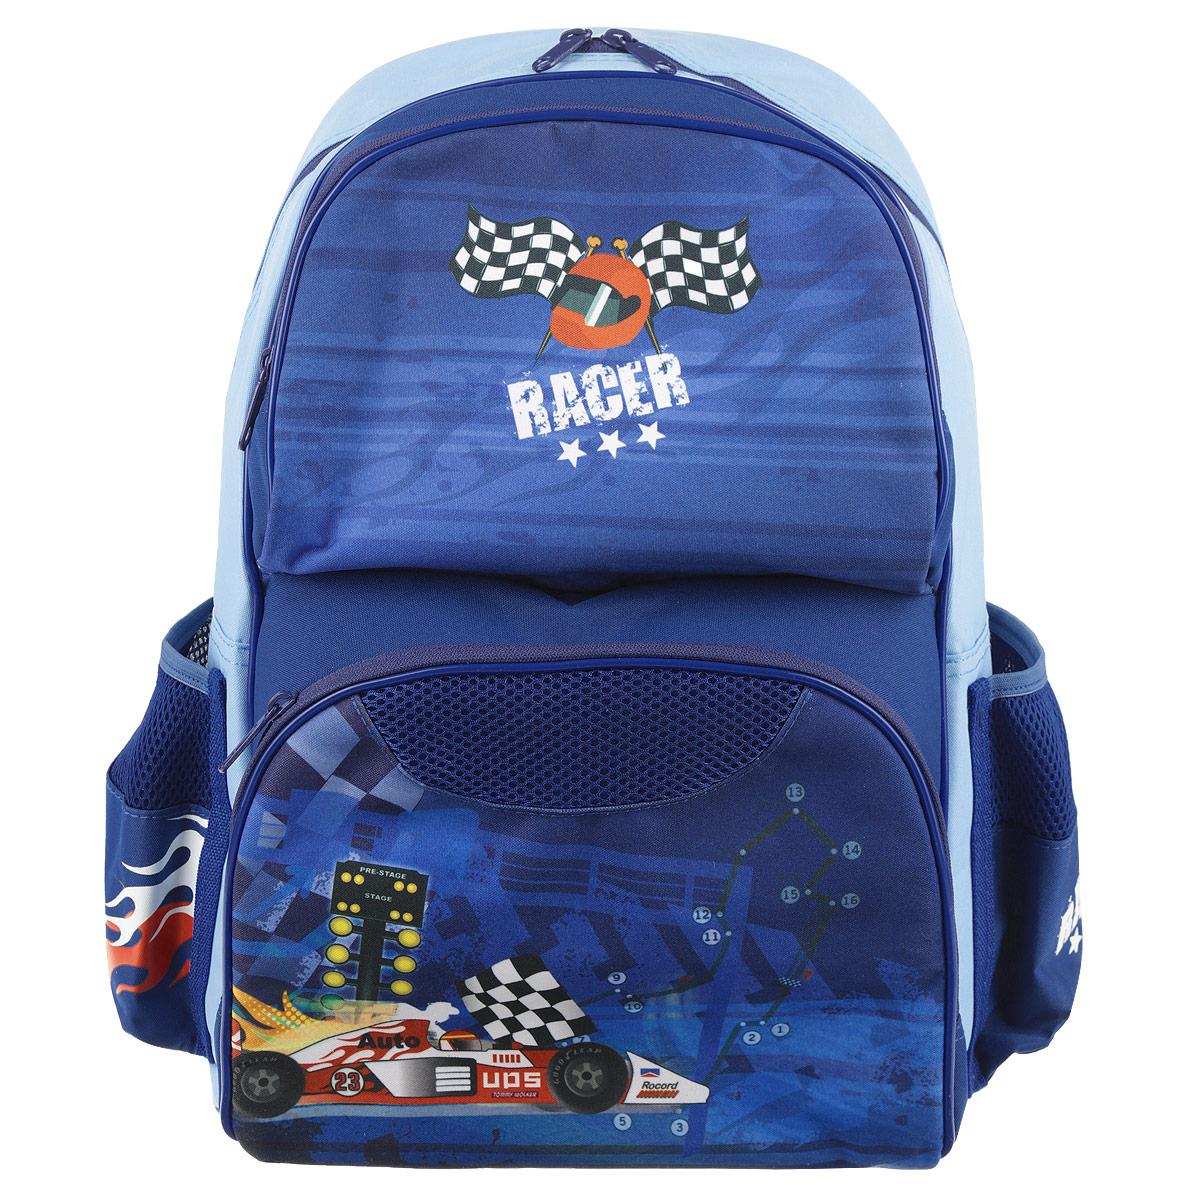 Рюкзак школьный Tiger Racer, цвет: синий, голубой0066-GB01-P1Рюкзак школьный Tiger Racer изготовлен из качественного нейлона, характеризующегося повышенной износостойкостью, водонепроницаемостью и устойчивостью к УФ-излучению. Рюкзак имеет одно основное отделение, закрывающееся на молнию с двумя бегунками. Внутри отделения расположены два разделителя. На лицевой стороне ранца расположены два накладных кармана на молнии. По бокам ранца размещены два дополнительных открытых накладных кармана на резинке. Ортопедическая спинка, созданная по специальной технологии из дышащего материала, равномерно распределяет нагрузку на плечевые суставы и спину. Удлиненные держатели облегчают фиксацию длины ремней с мягкими подкладками. Ранец оснащен удобной ручкой для переноски и двумя широкими лямками, регулируемой длины. Многофункциональный школьный ранец станет незаменимым спутником вашего ребенка в походах за знаниями.